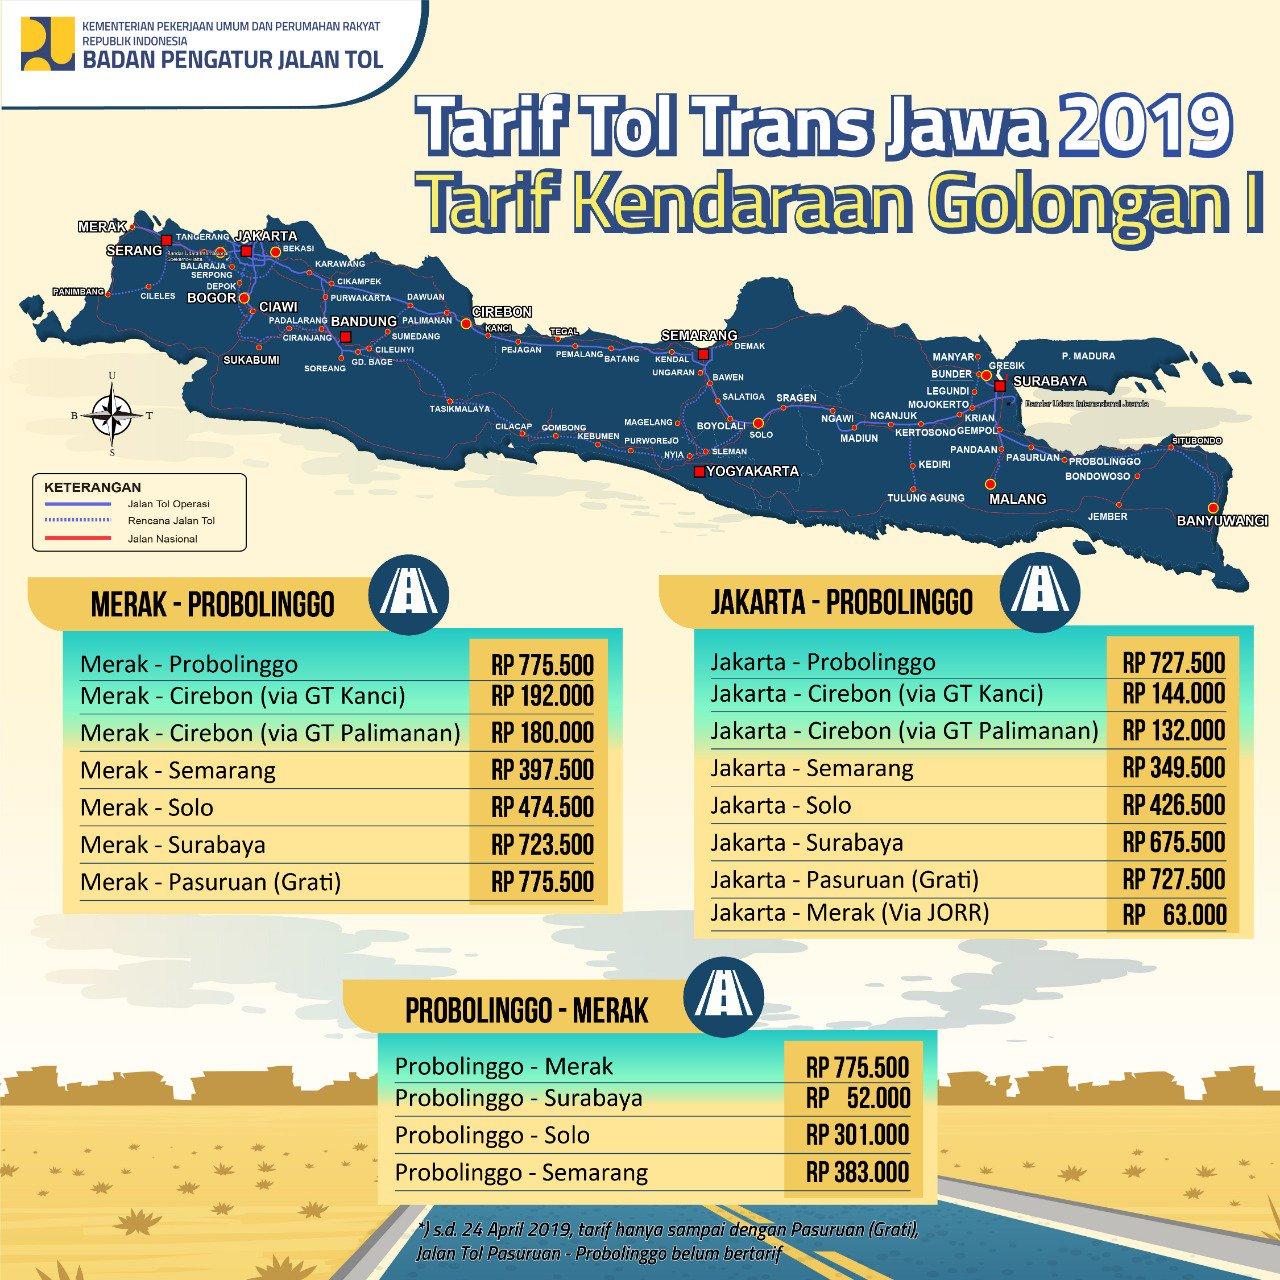 Uang Yang Di Siapkan Untuk Mudik Menggunakan Tol Trans Jawa